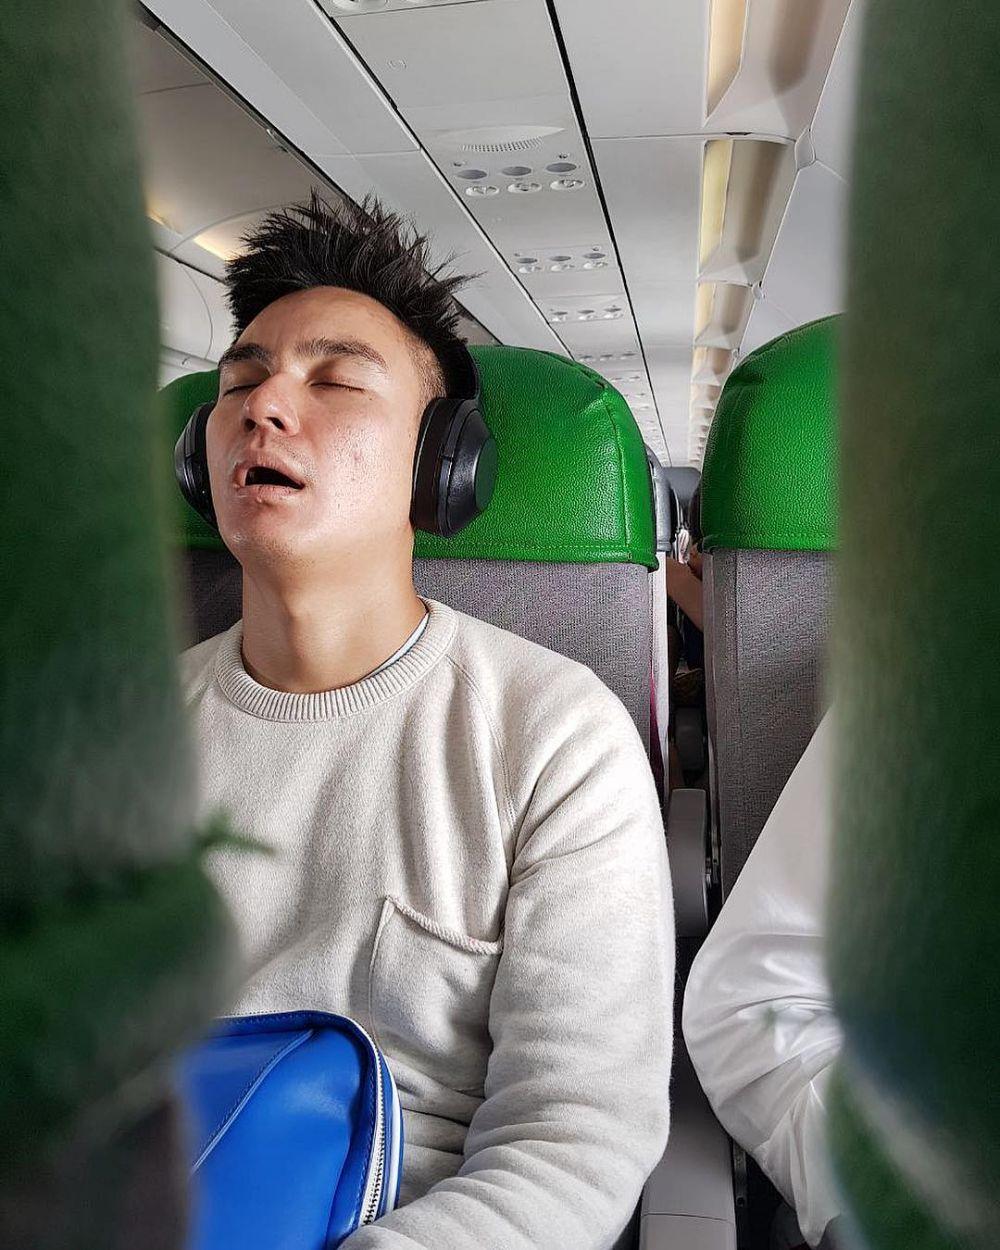 mangap di pesawat © 2018 brilio.net